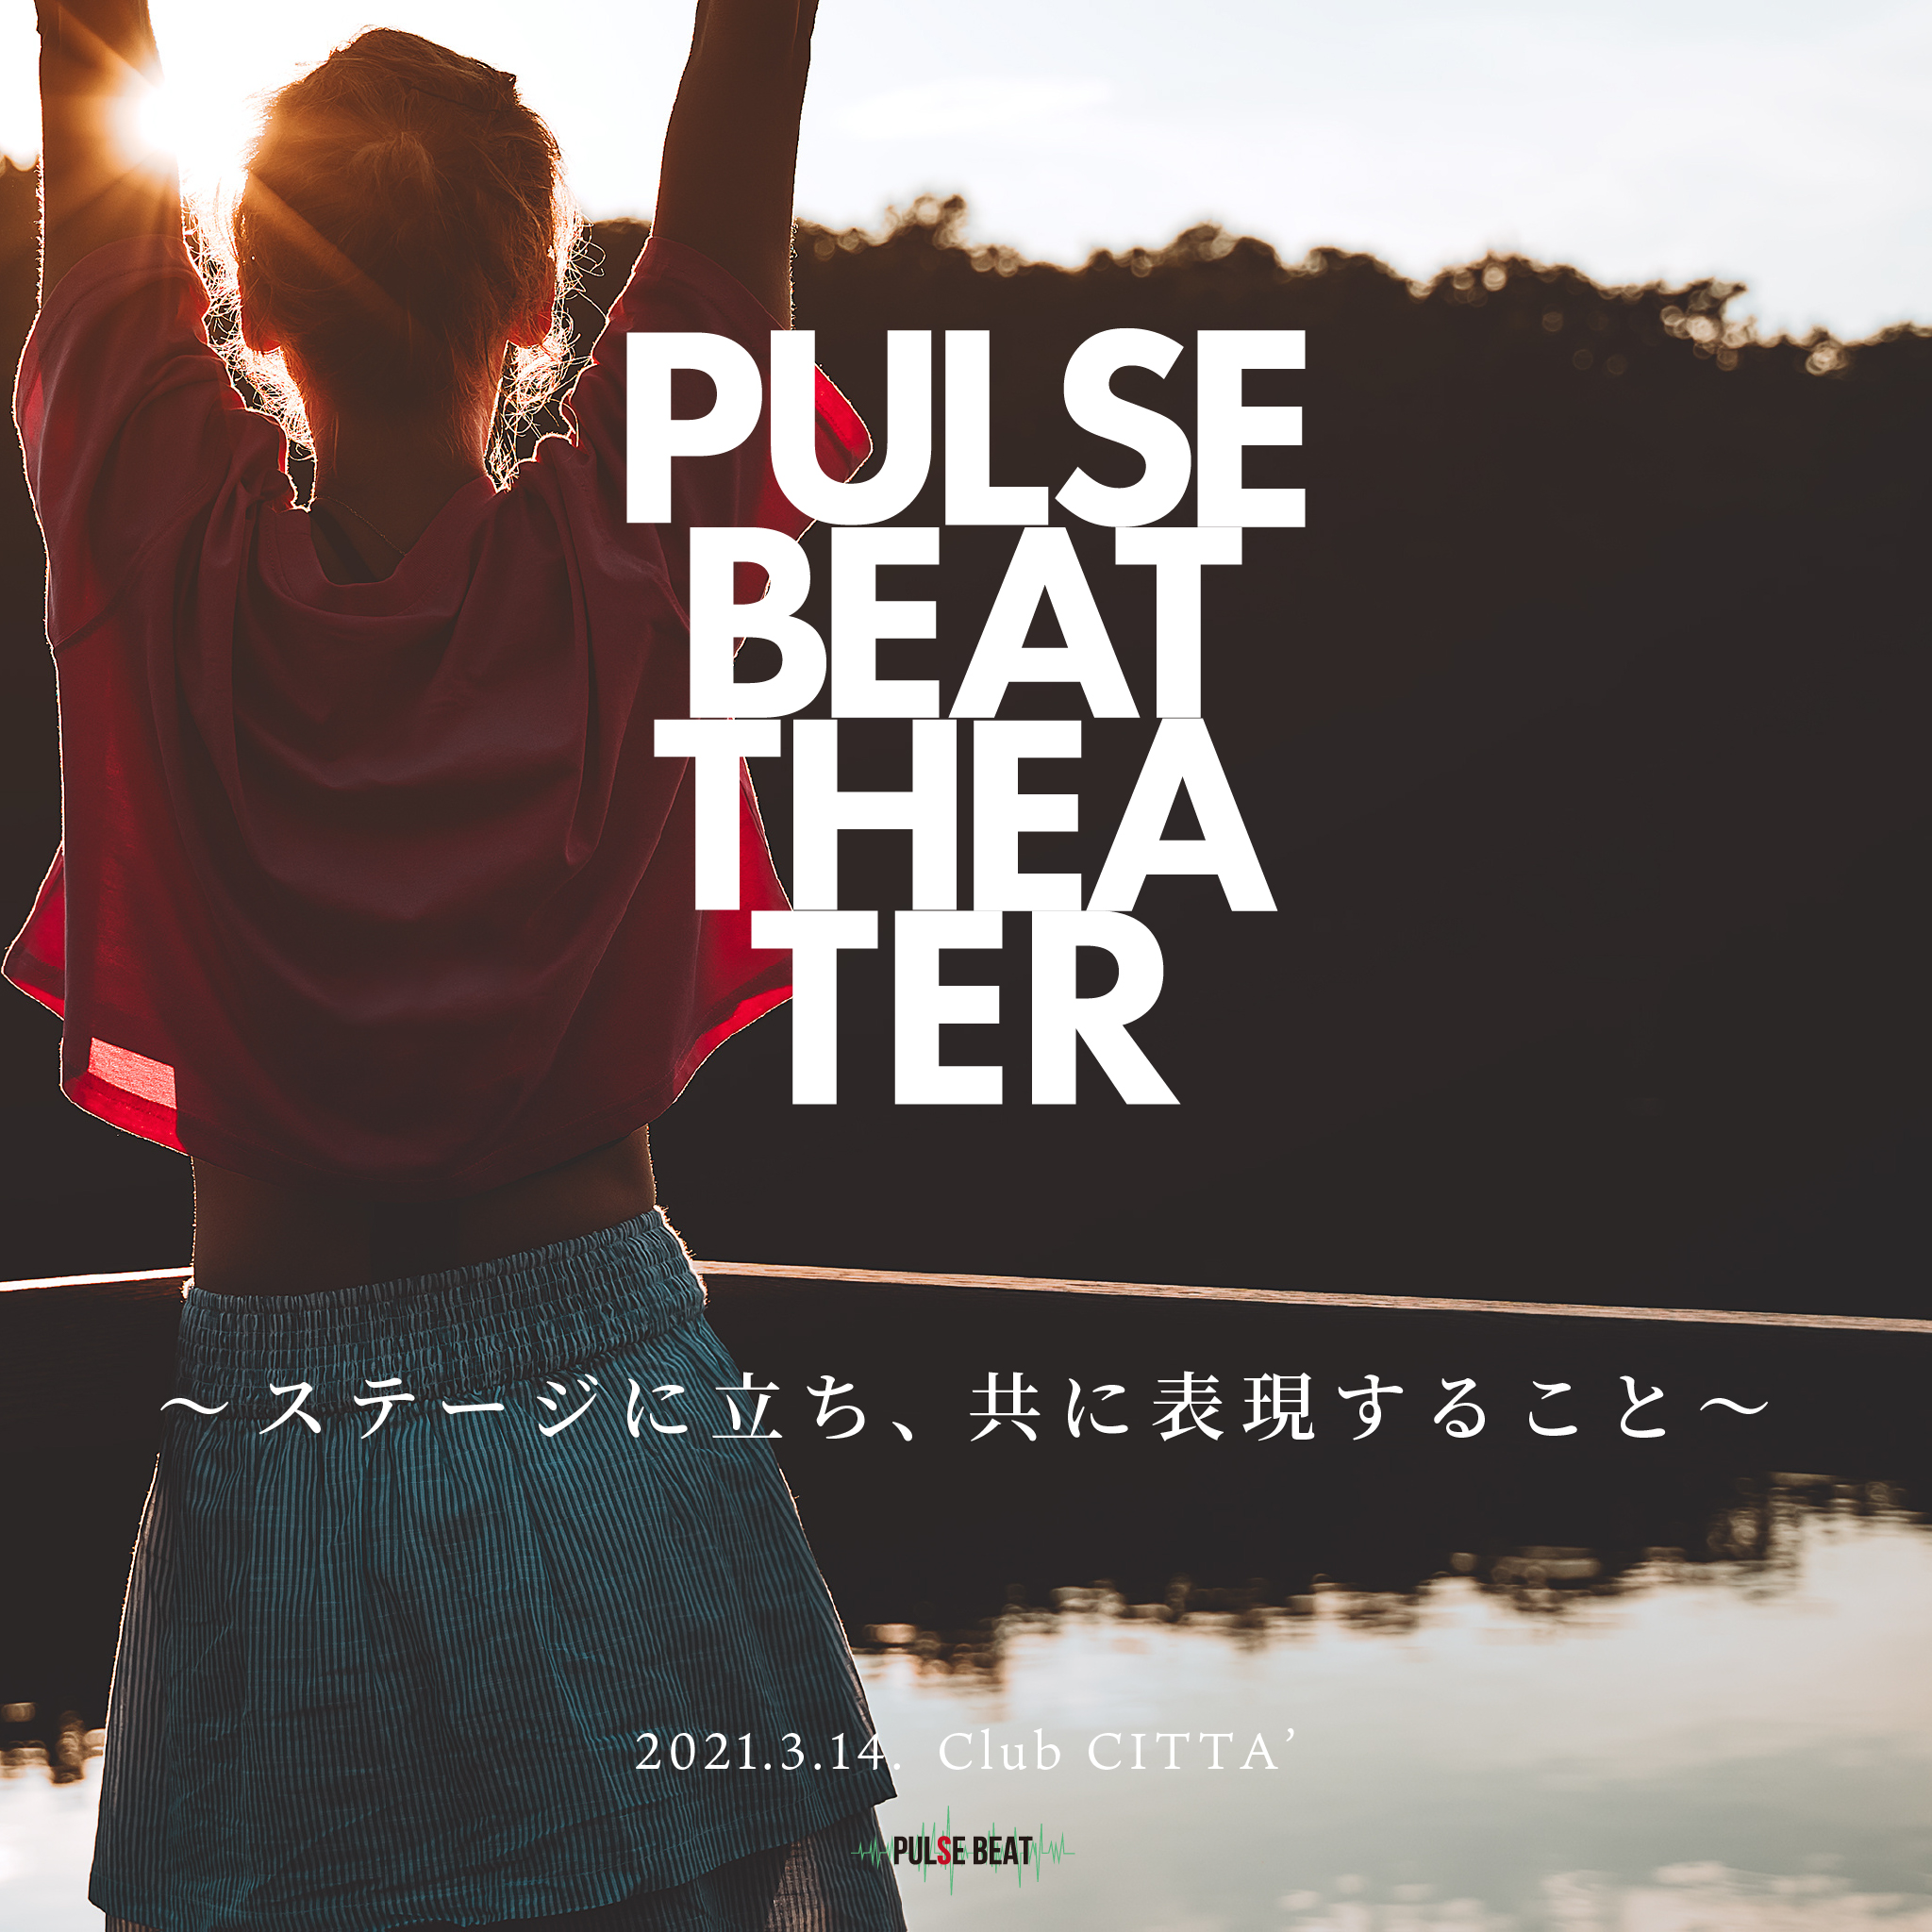 ようこそ、パルスビートシアターの世界へ。新しいダンスを体感するルーキーたちの作品、一挙登場(全19 組) 川崎Club CITTA'で迎えるステージと時代を変えるダンス。– PULSE BEAT THEATER 21SS